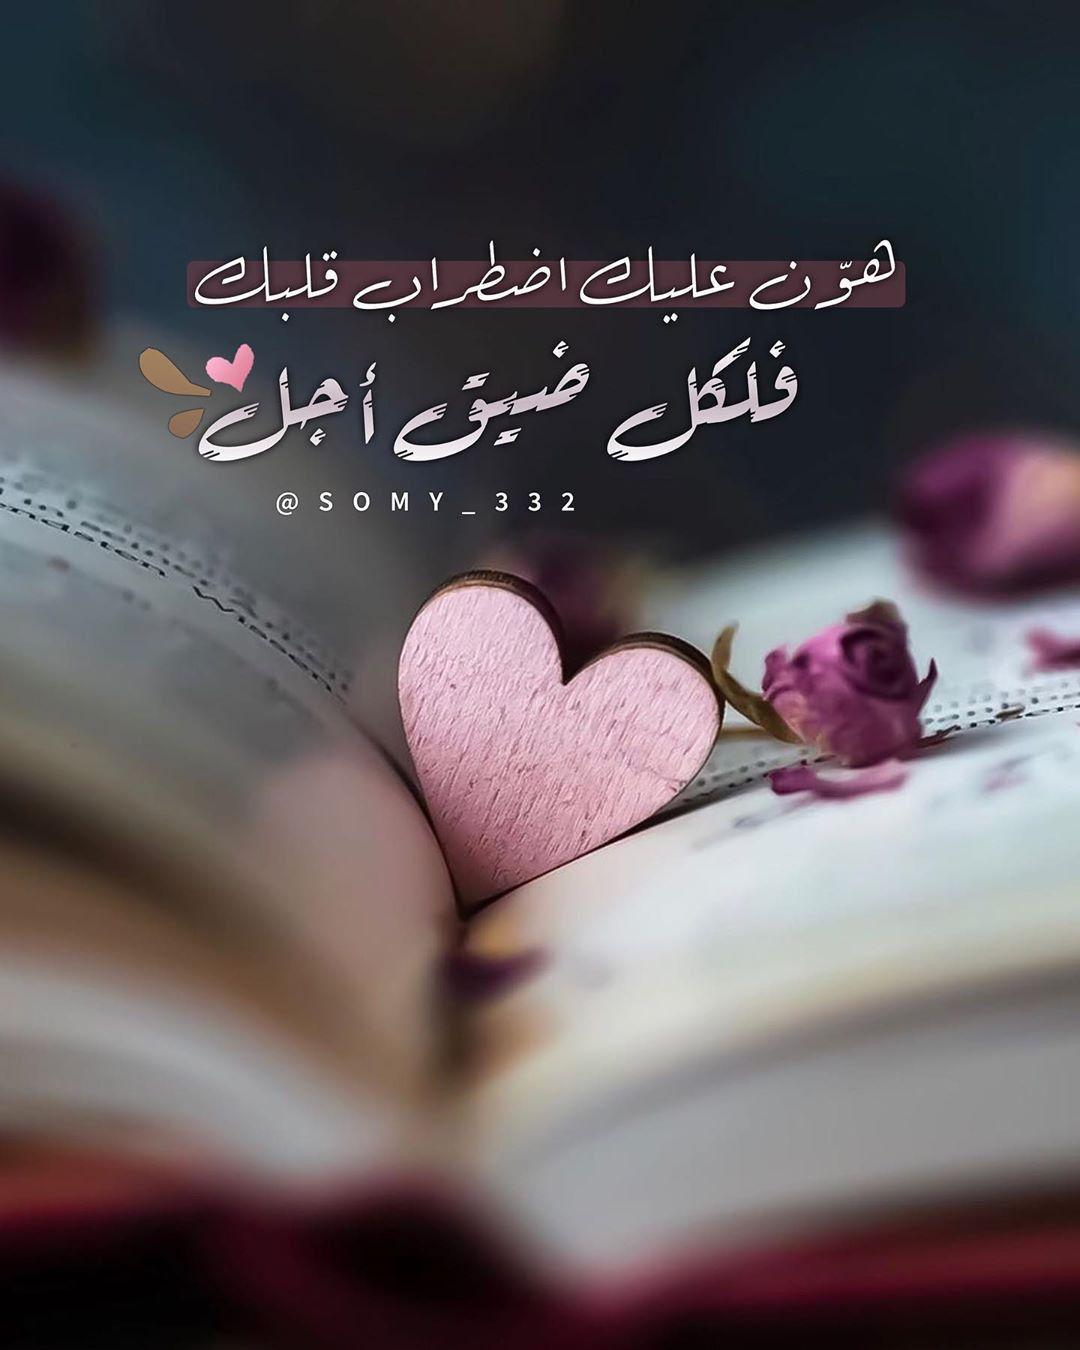 اقتباسات Romantic Love Quotes Islamic Quotes Islamic Quotes Quran